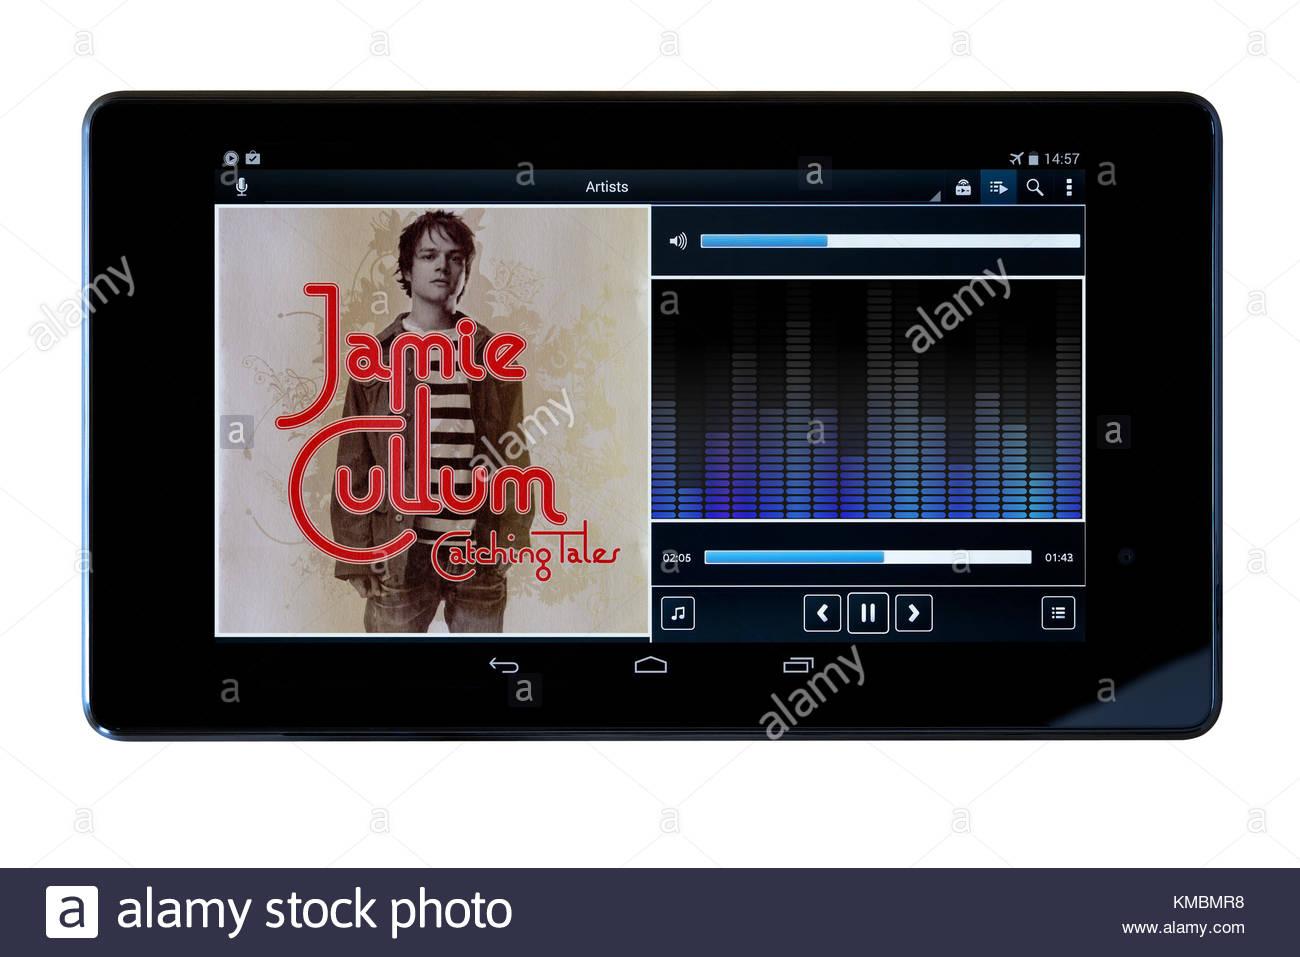 Jamie Cullum 2005 album, Catching Tales - Stock Image